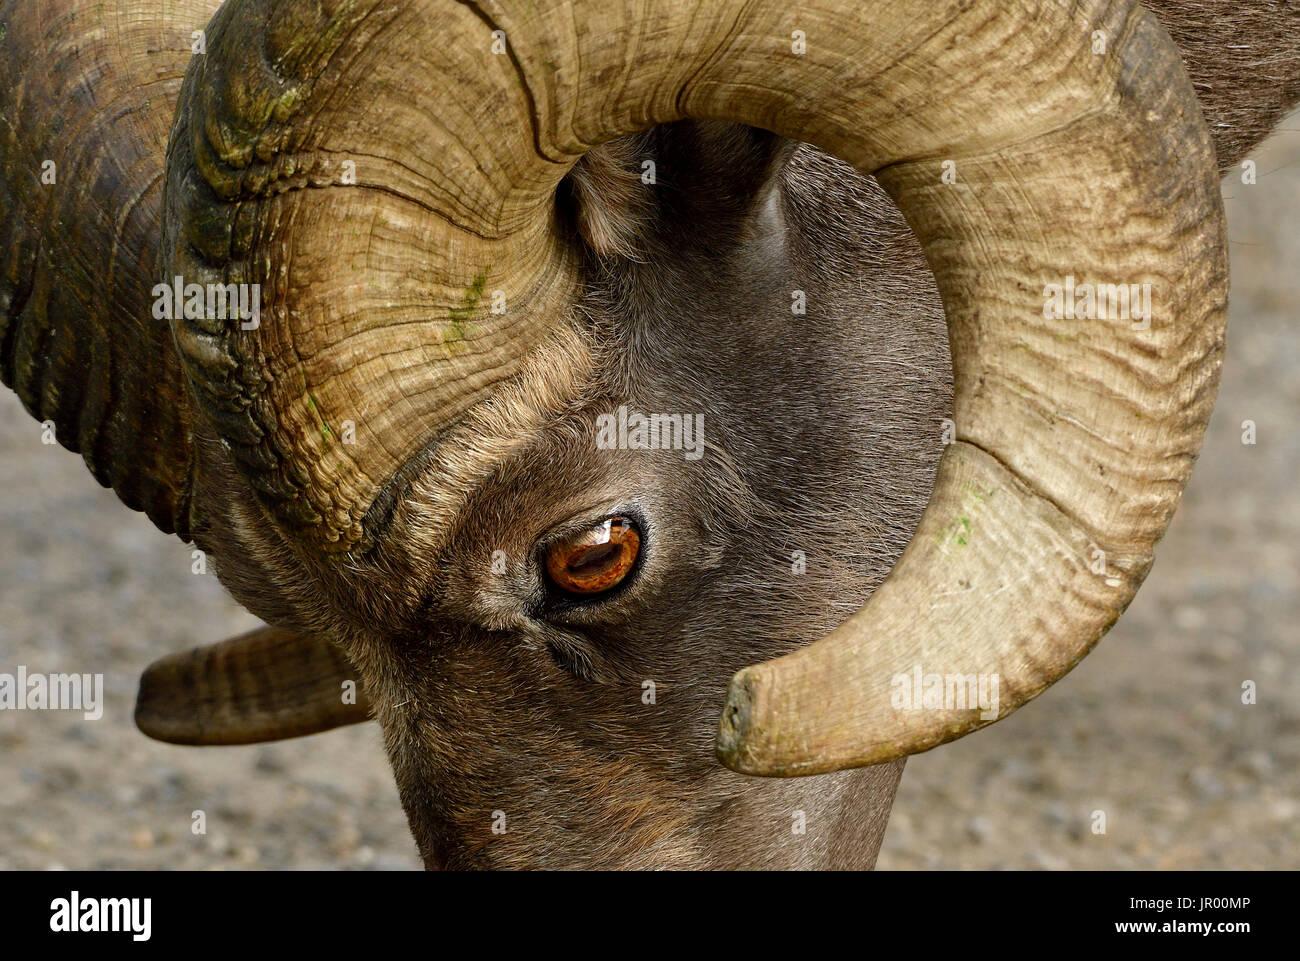 Una vista lateral de la cara de borrego salvaje mostrando el ojo y la curvatura de su bocina Imagen De Stock